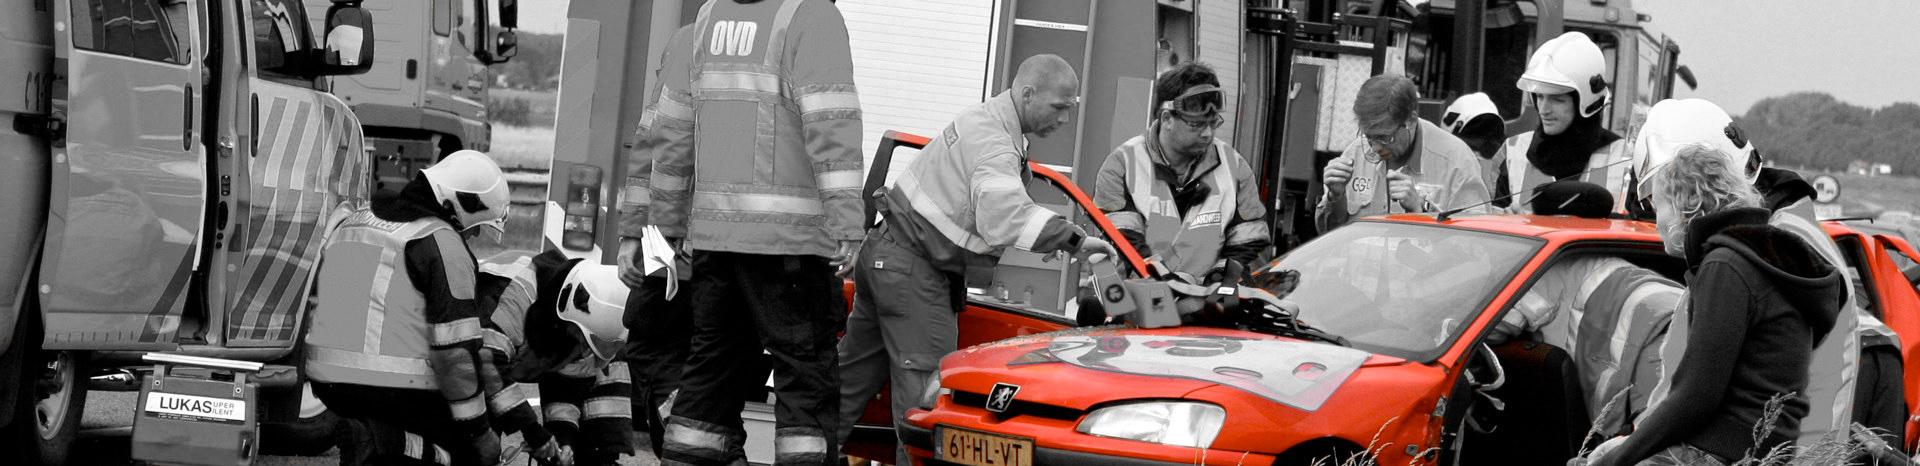 Letselschade verkeersongeval | Auto ongeval